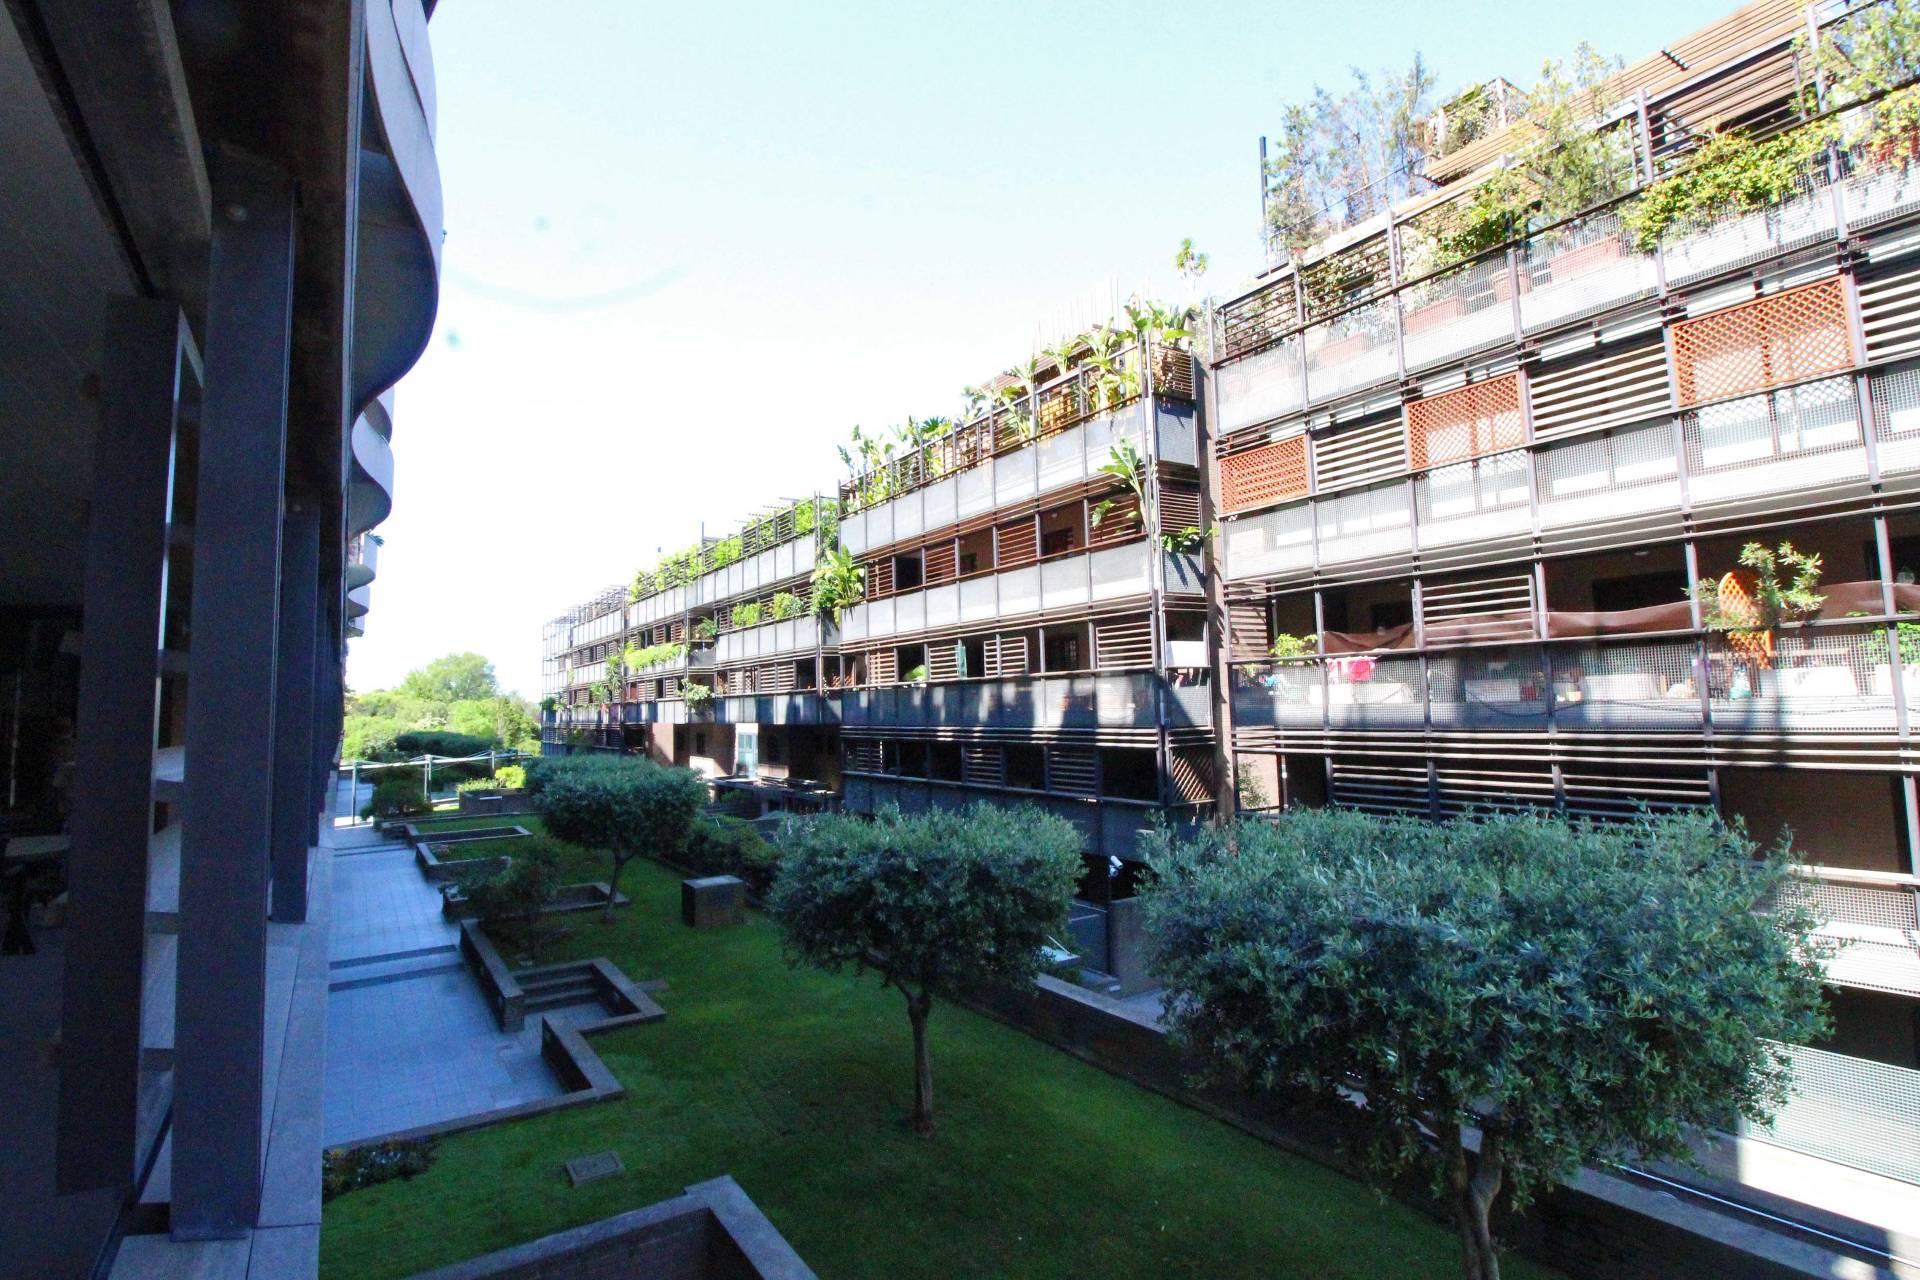 Appartamento 65 mq affitto roma for Affitto appartamento barberini roma